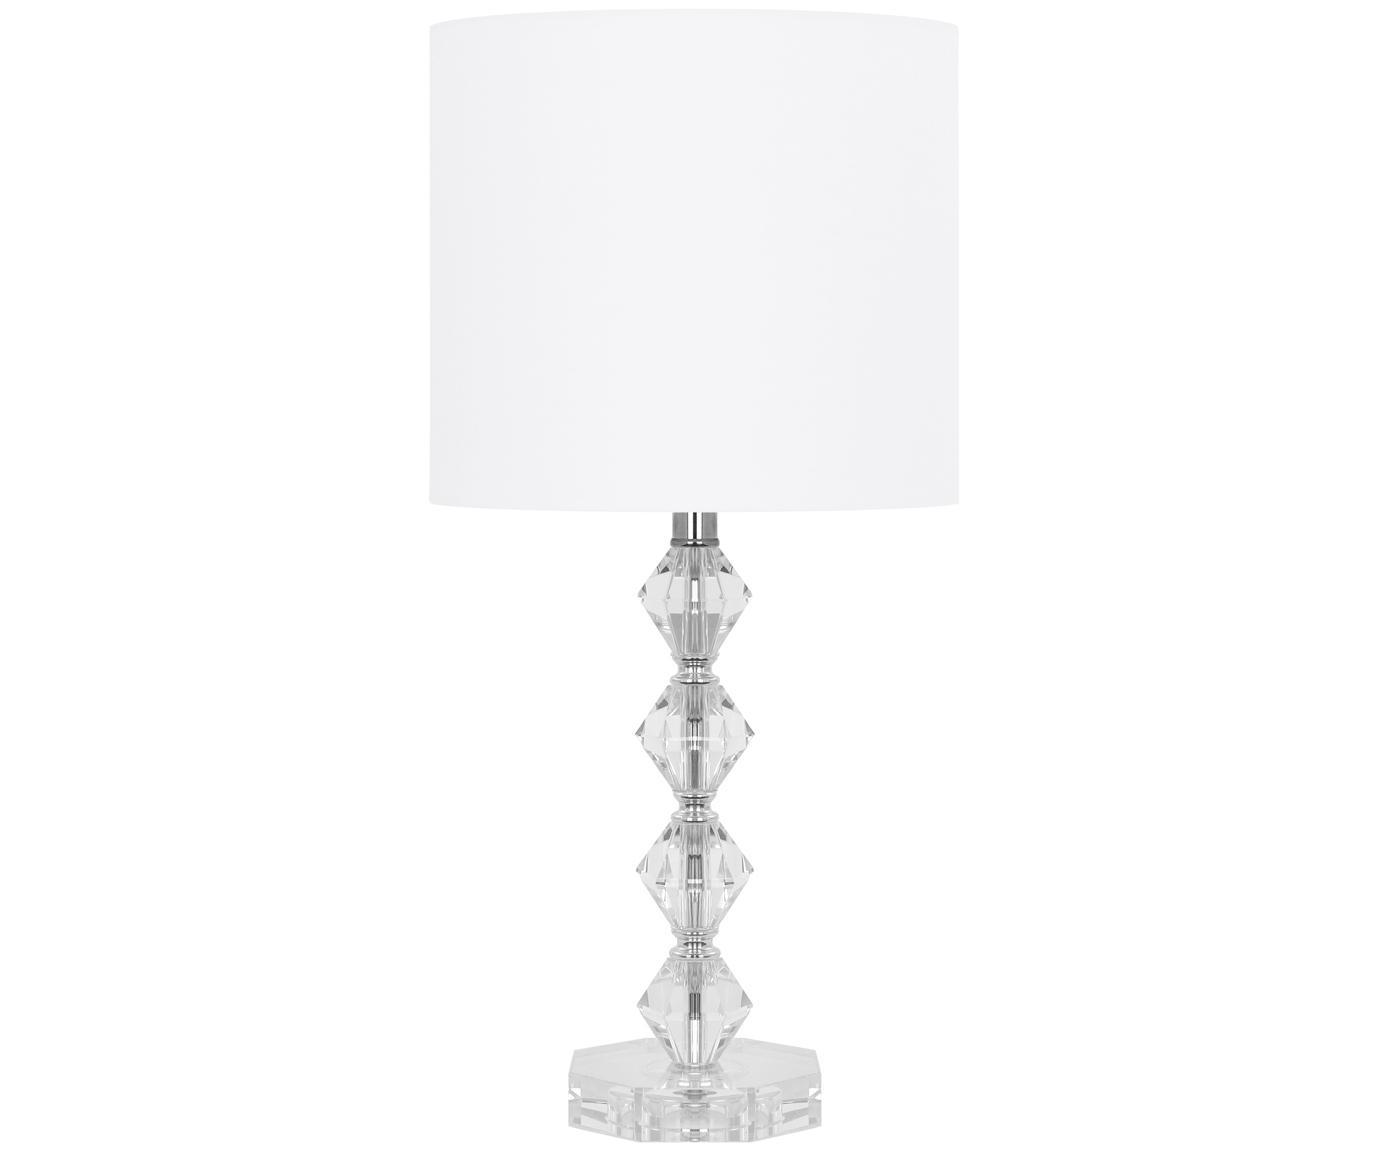 Tischleuchte Diamond aus Kristallglas, Lampenschirm: Textil, Lampenfuß: Kristallglas, Lampenschirm: Weiß, Lampenfuß: Transparent, Kabel: Weiß, Ø 25 x H 53 cm